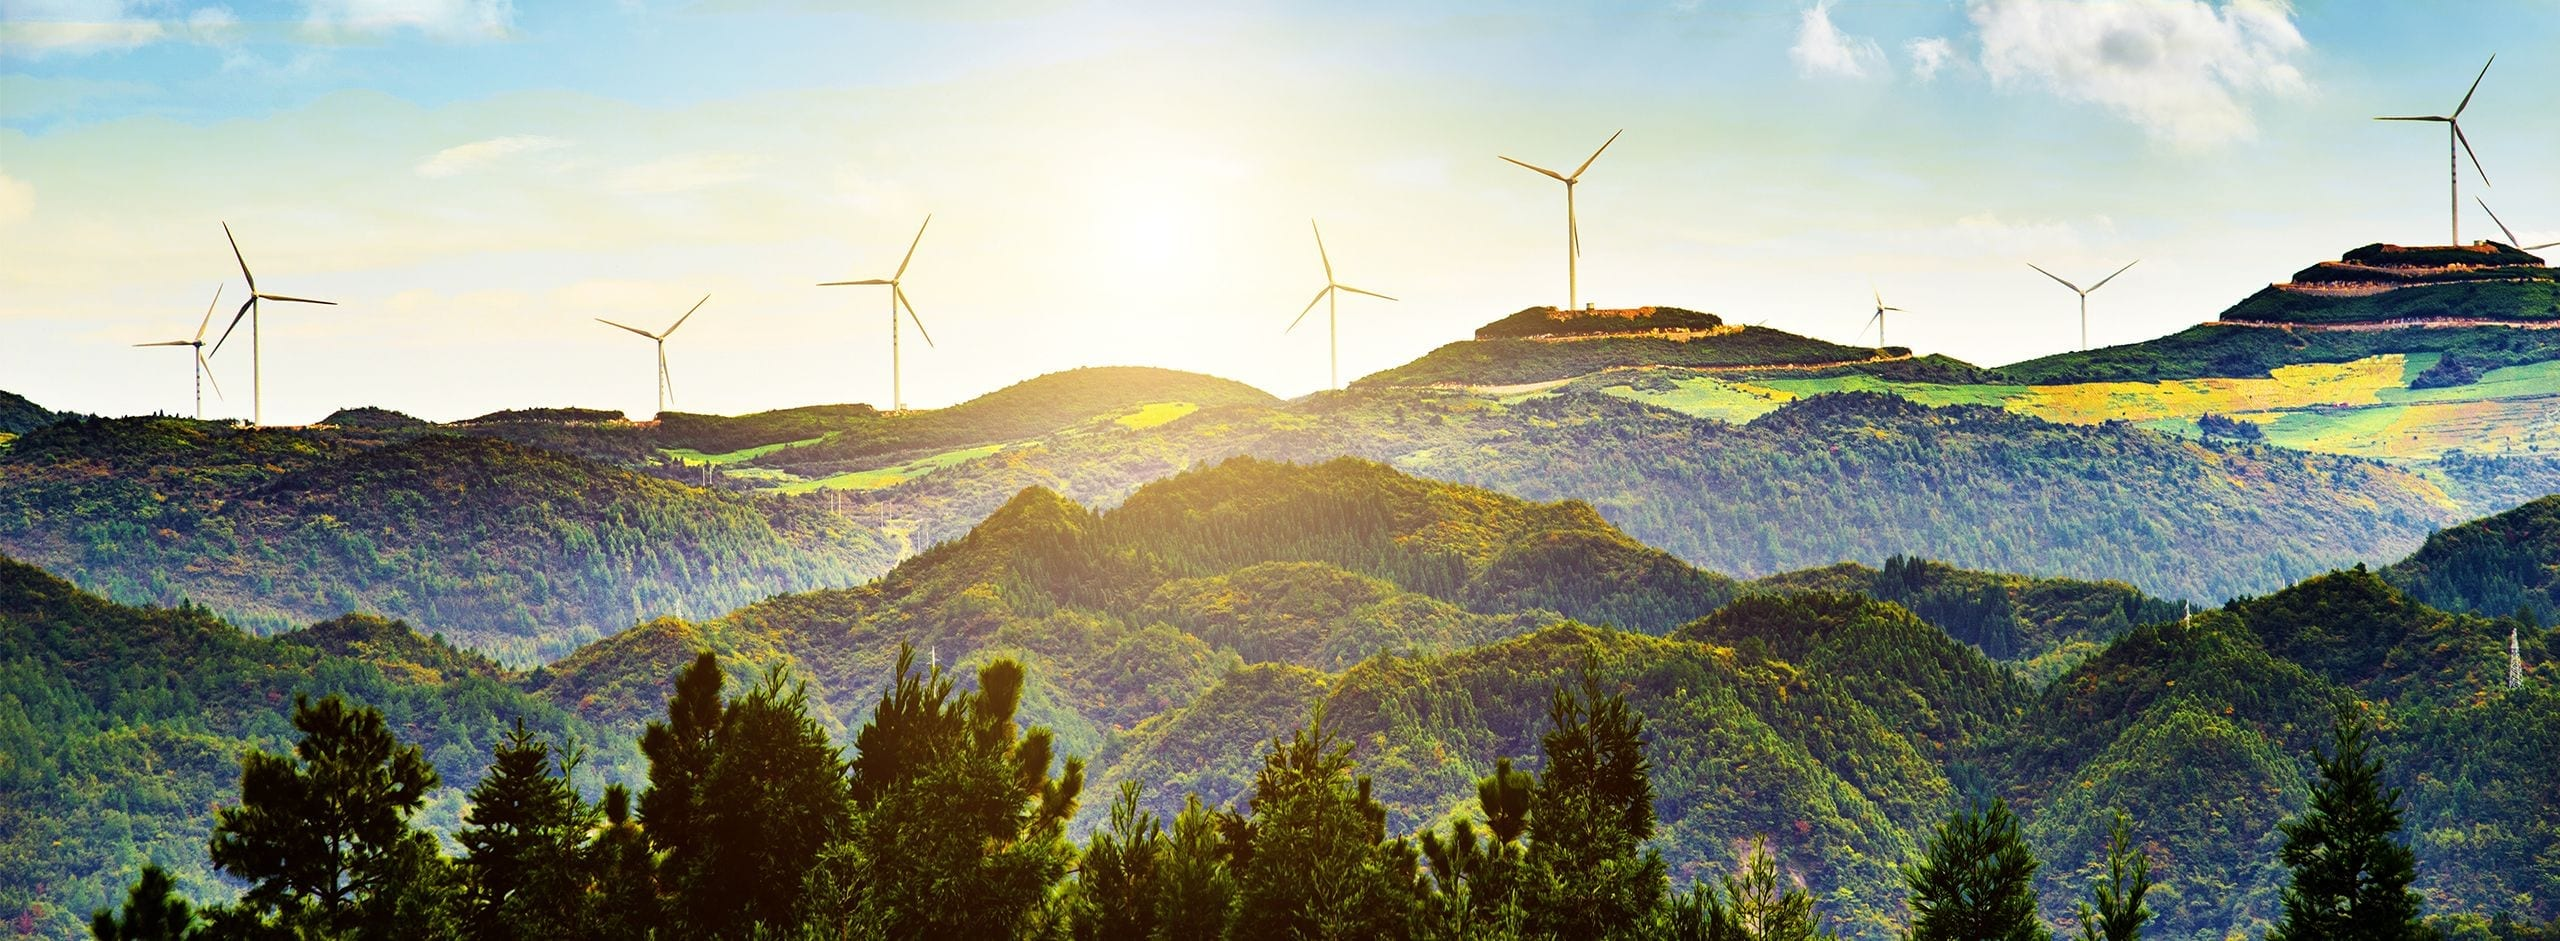 Sustainability 1